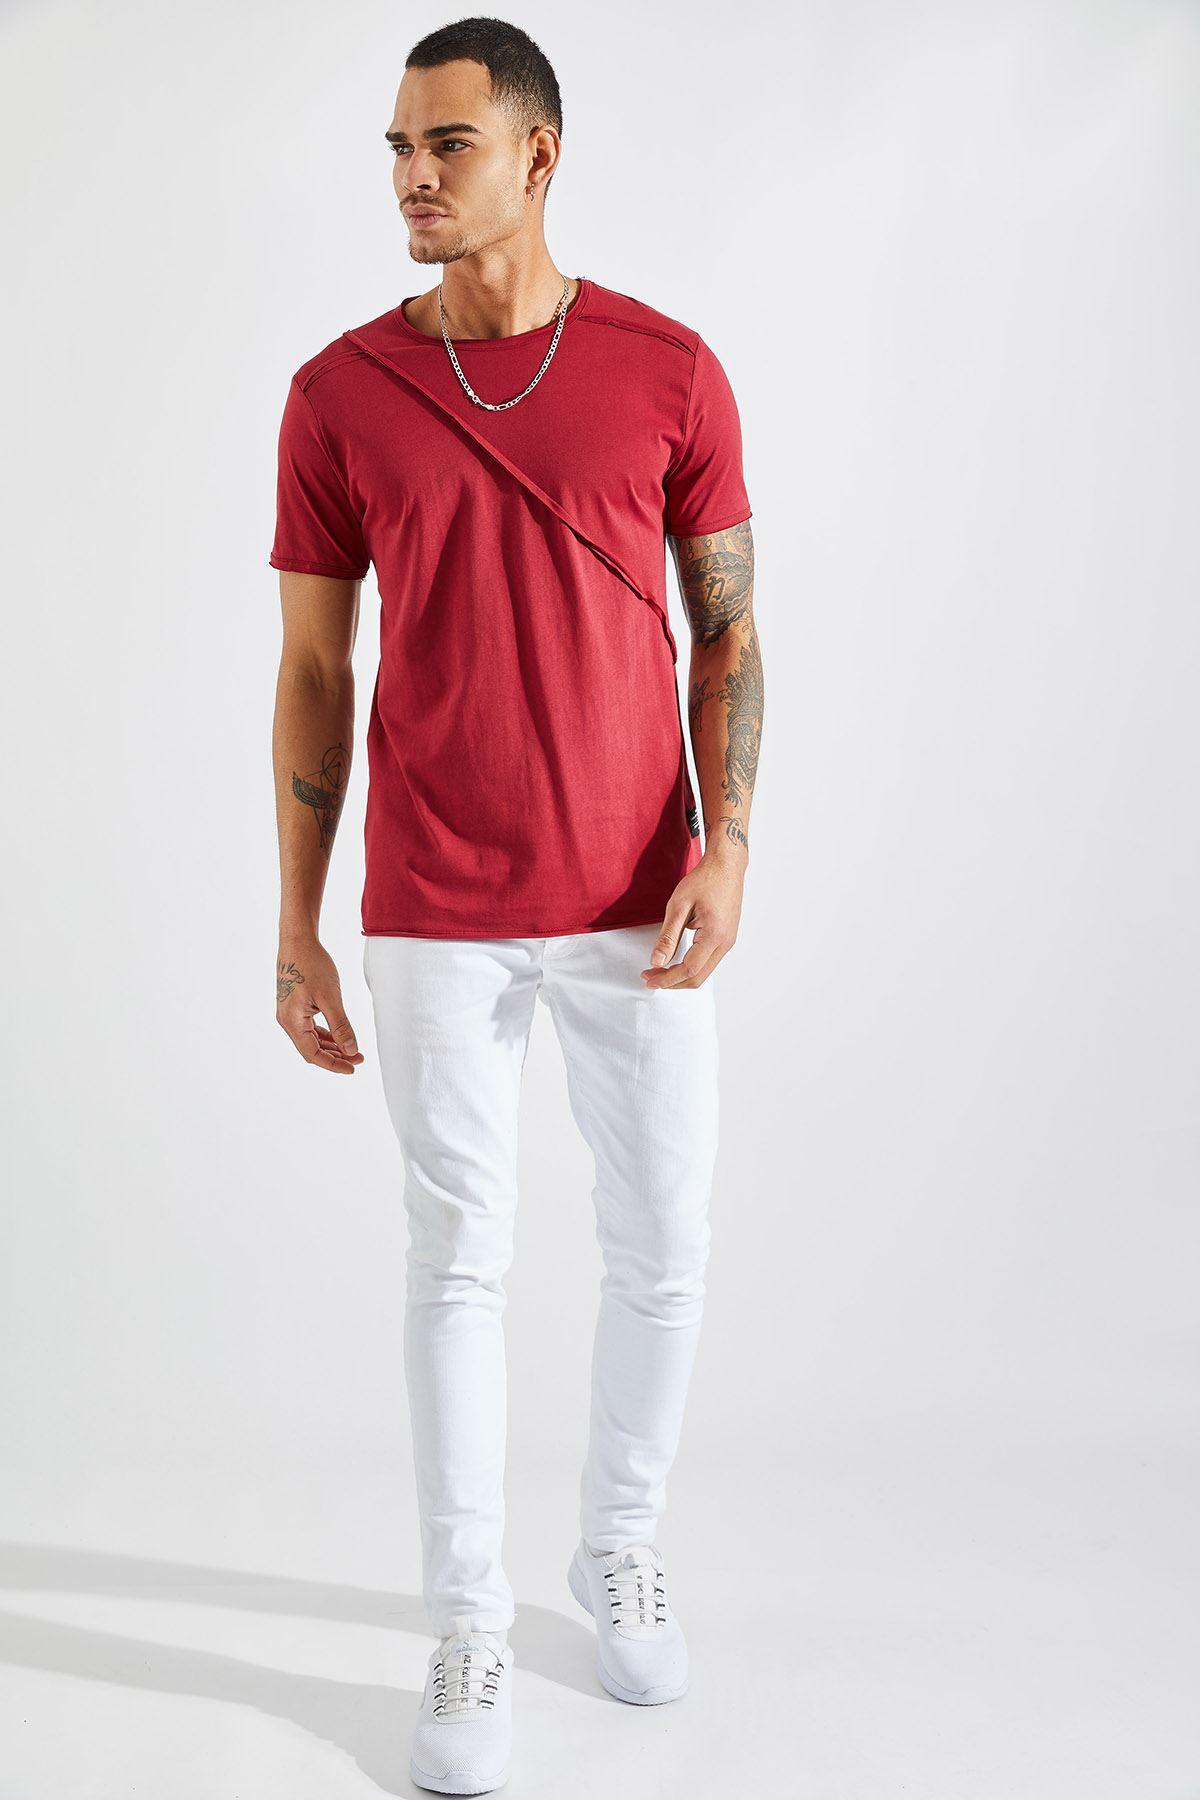 Erkek Omuz Parçalı Bordo Tişört